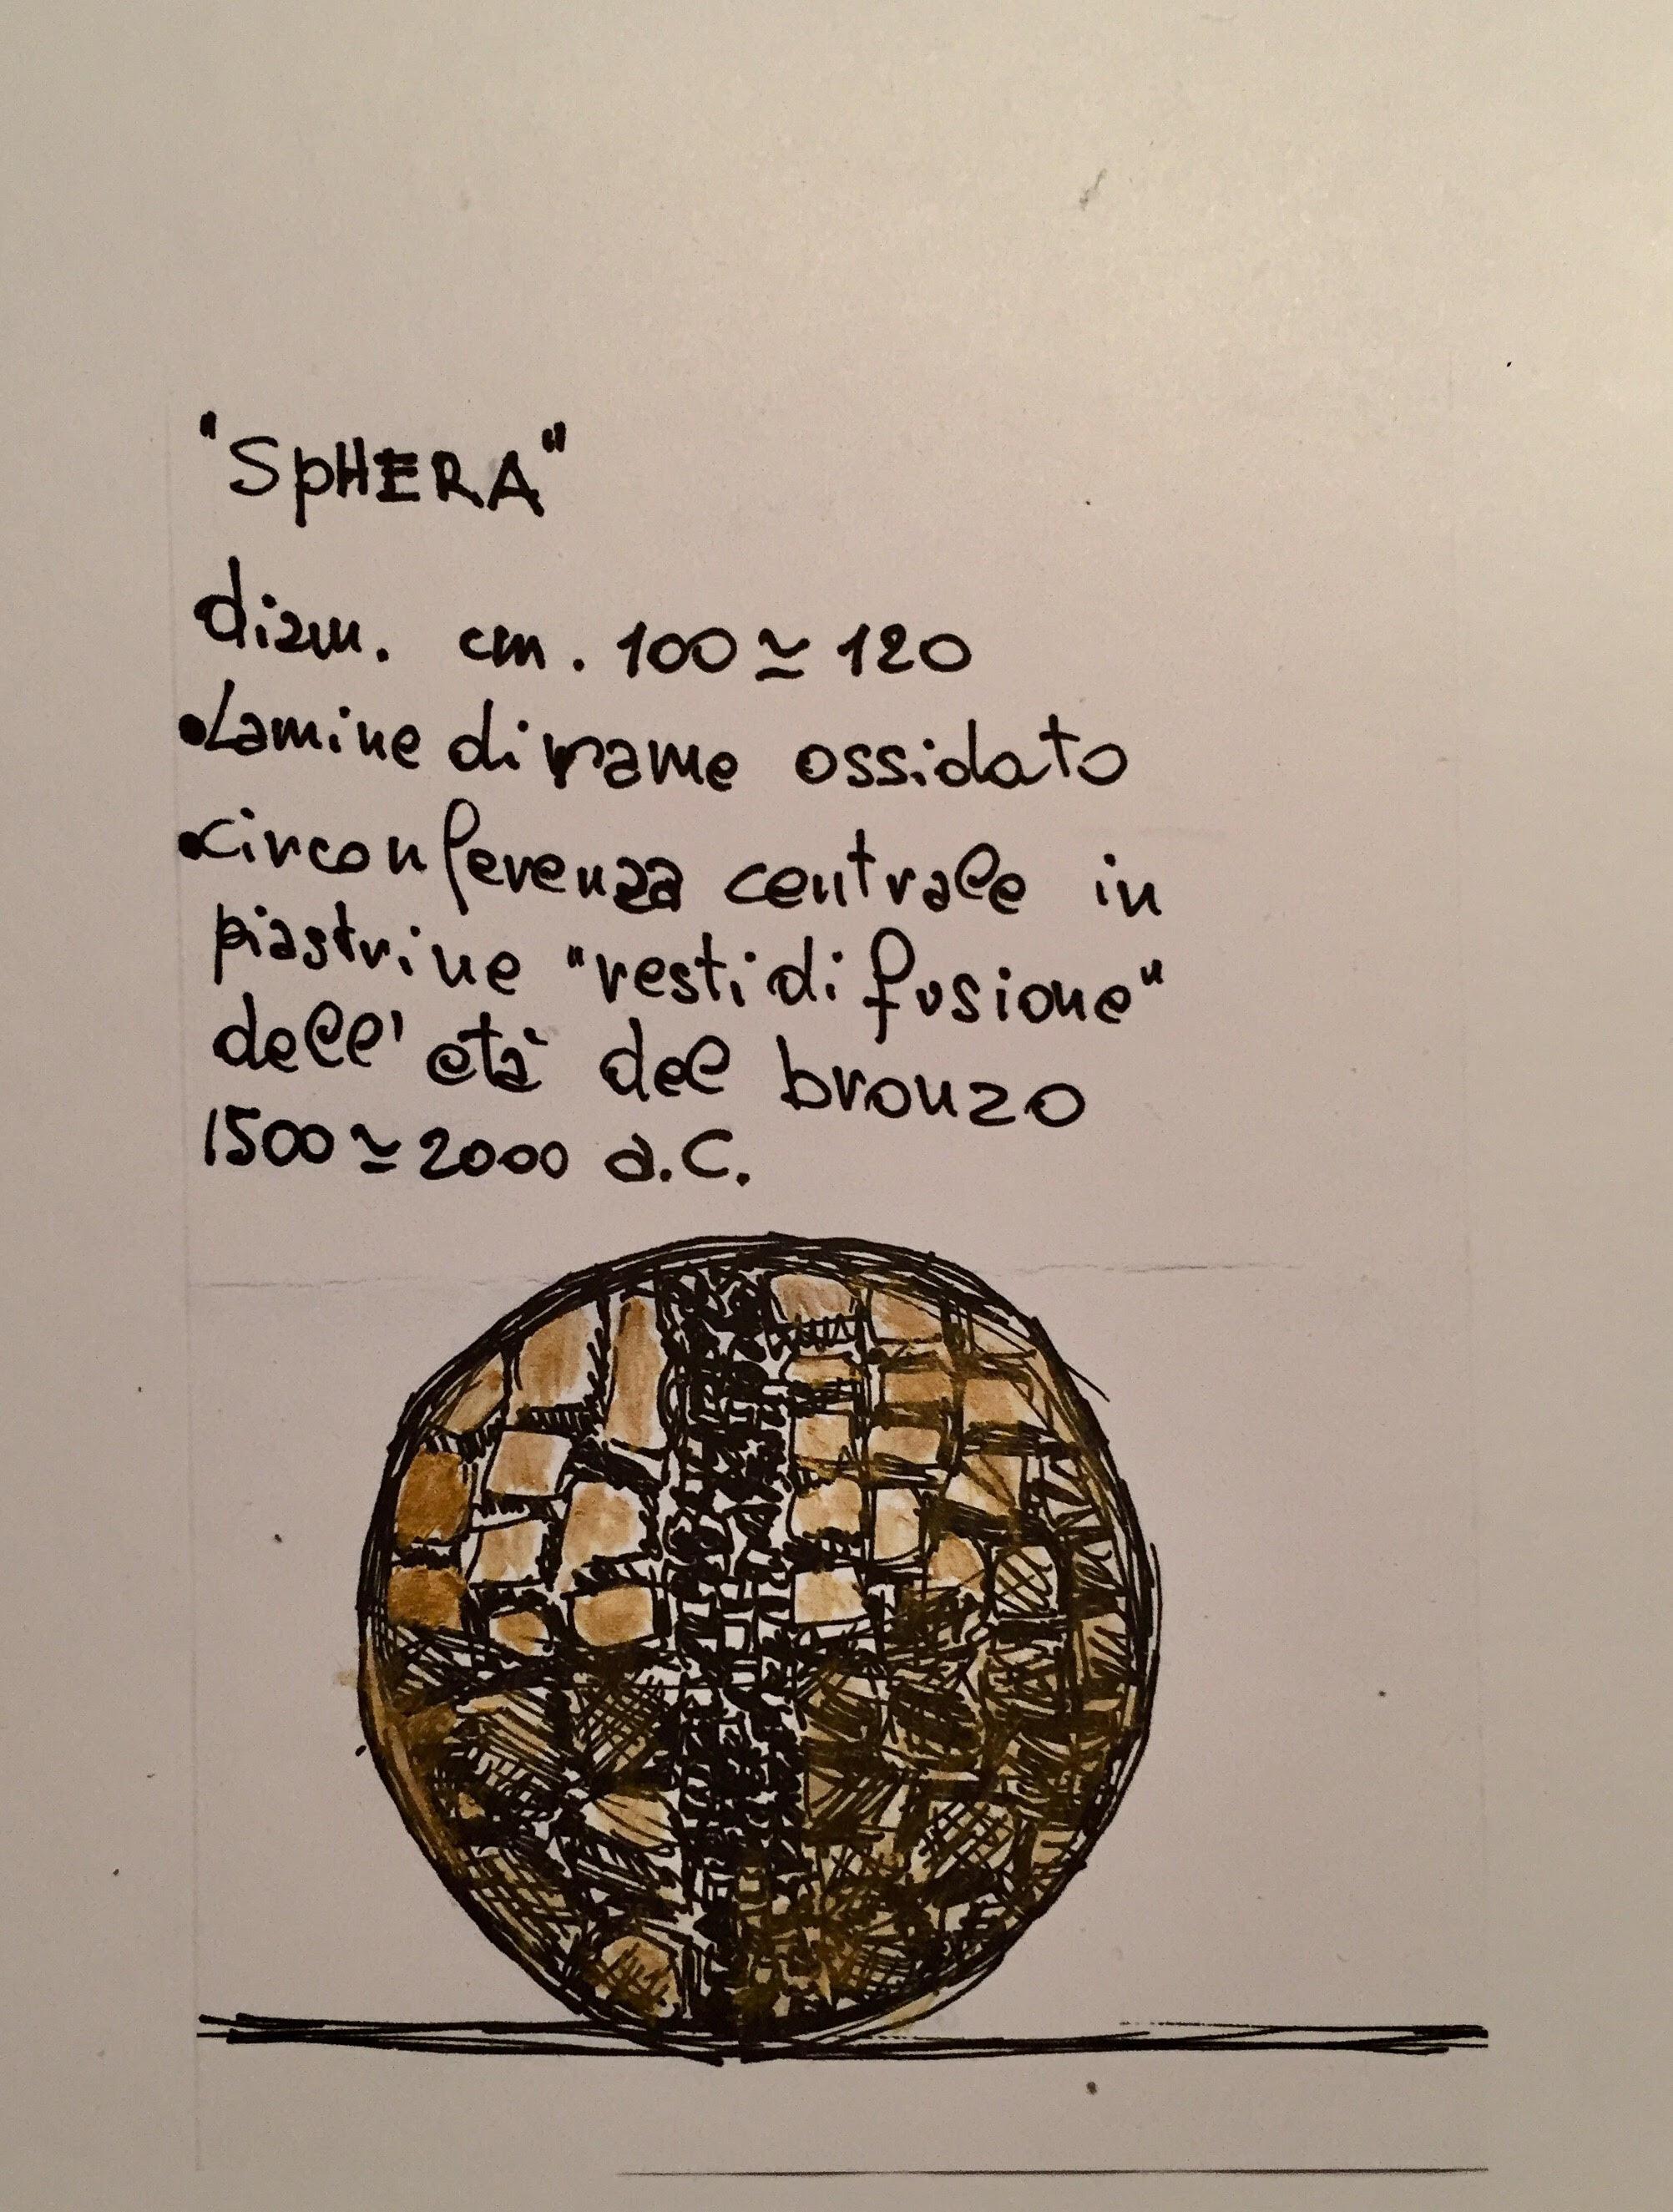 Spher di Giampaolo Osele